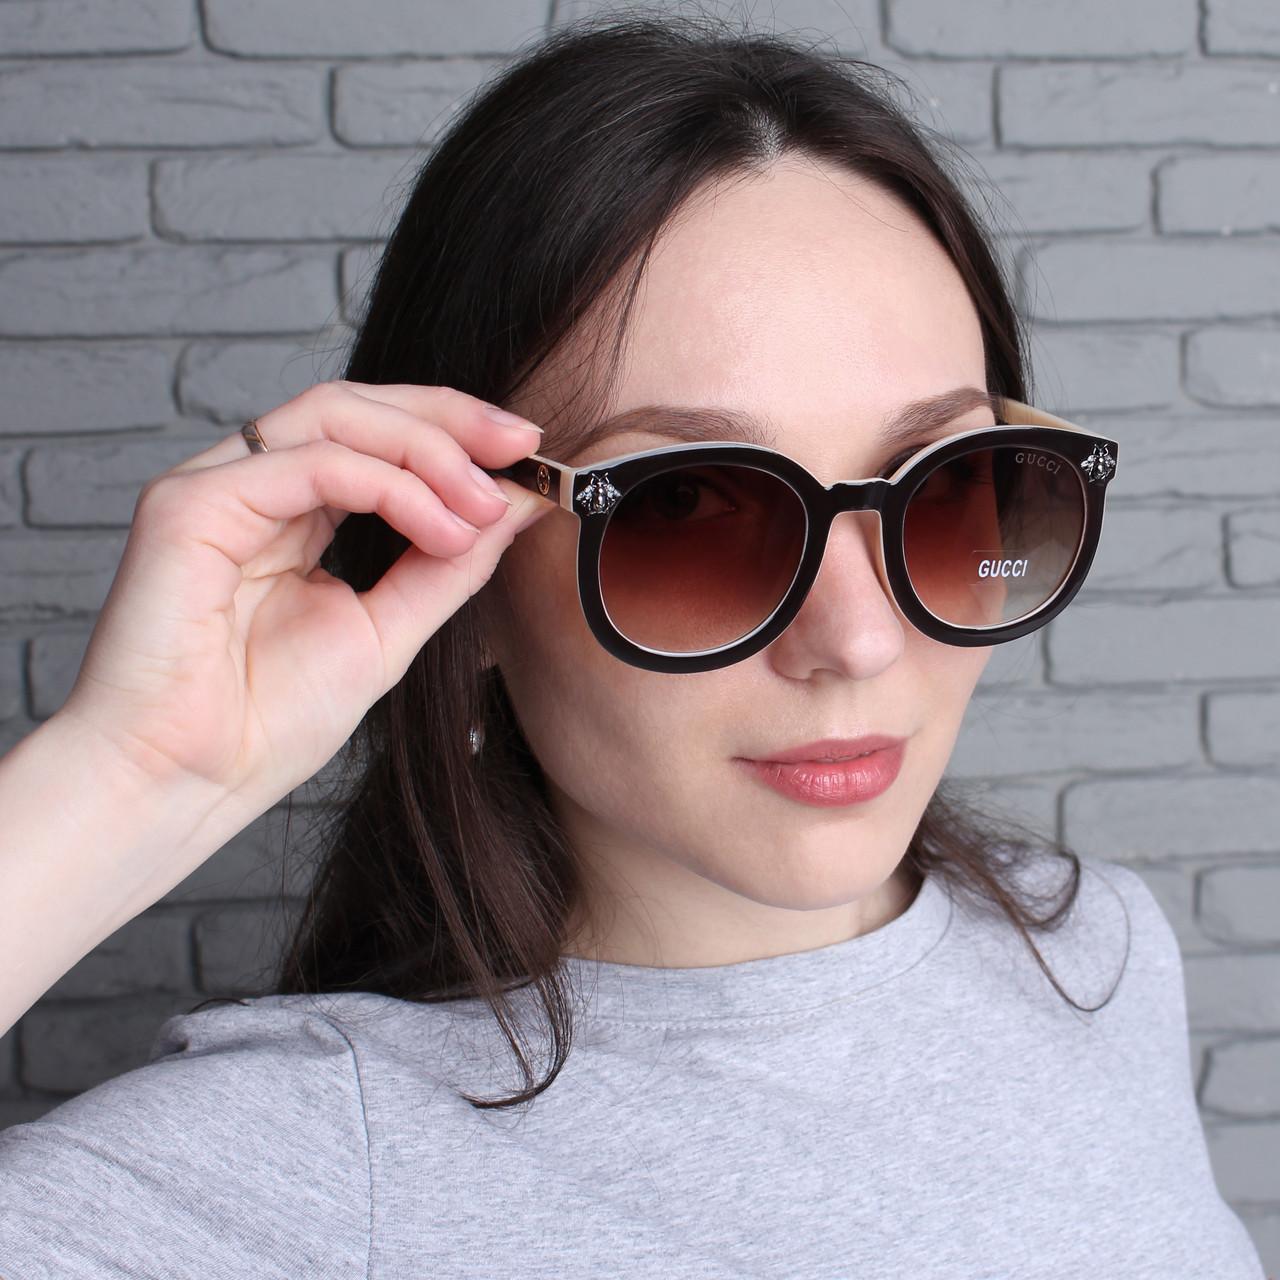 Женские солнцезащитные очки в стиле Gucci